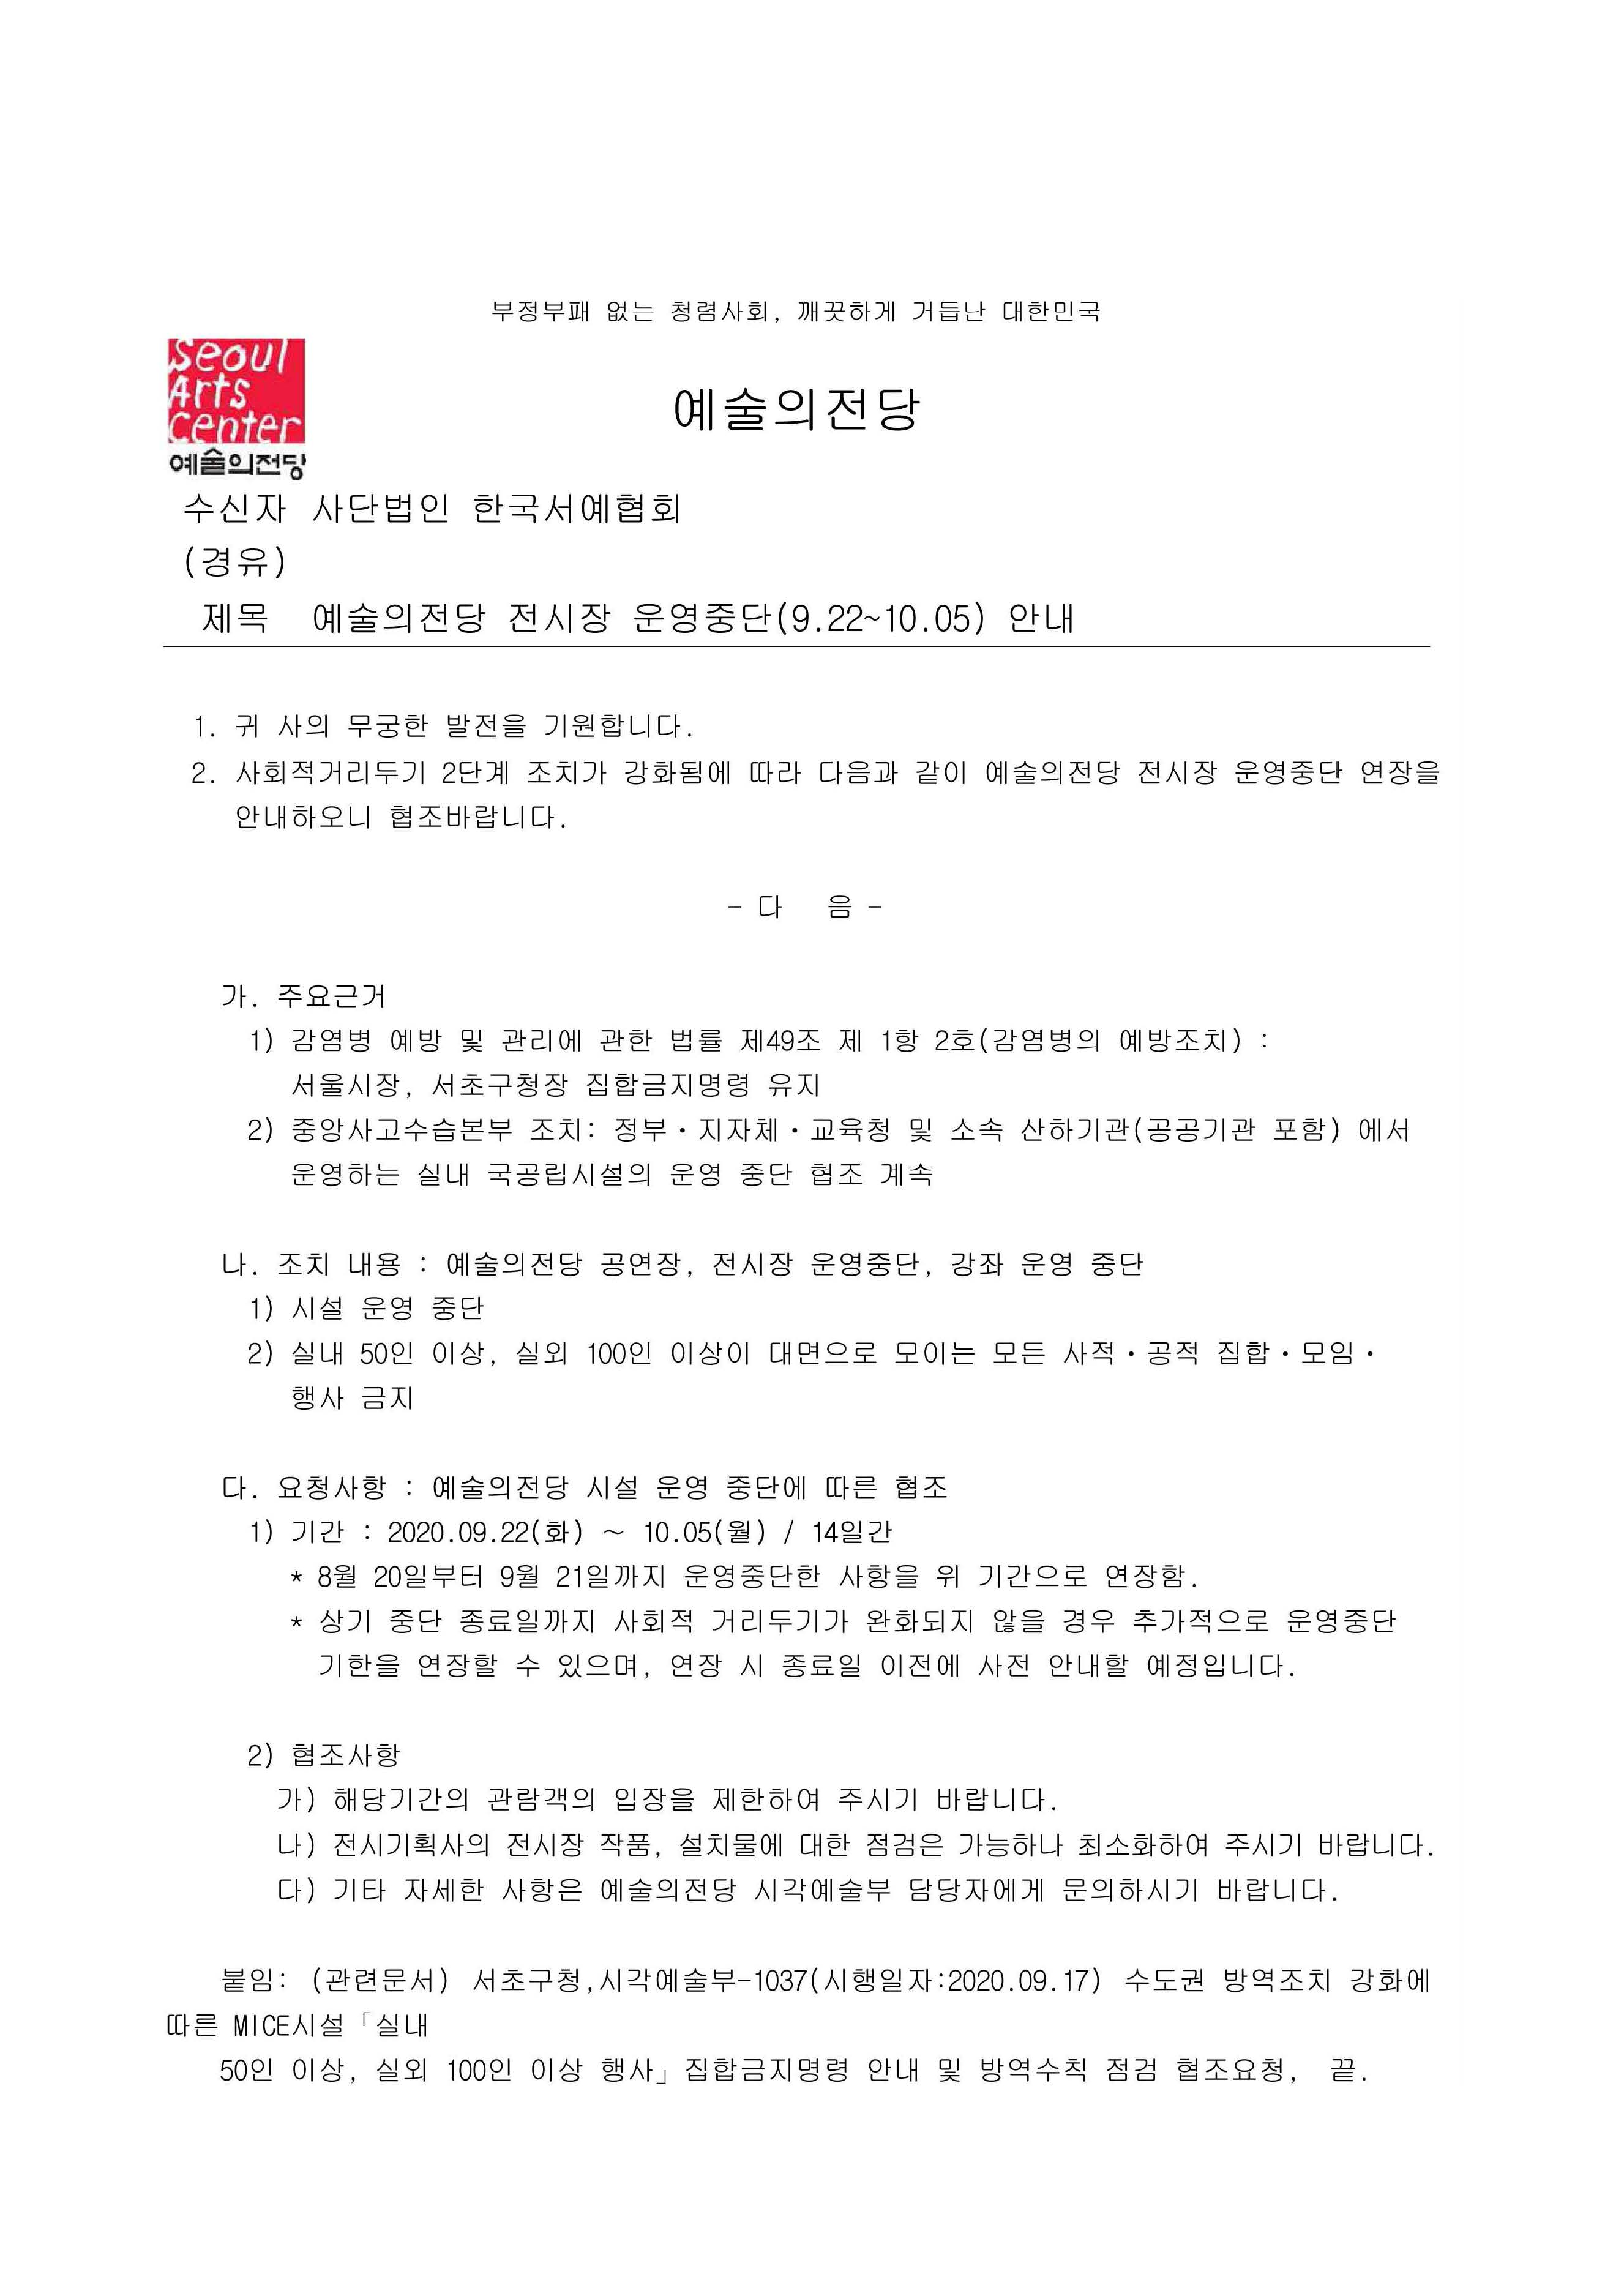 2020공문-37 (1)_페이지_2.jpg